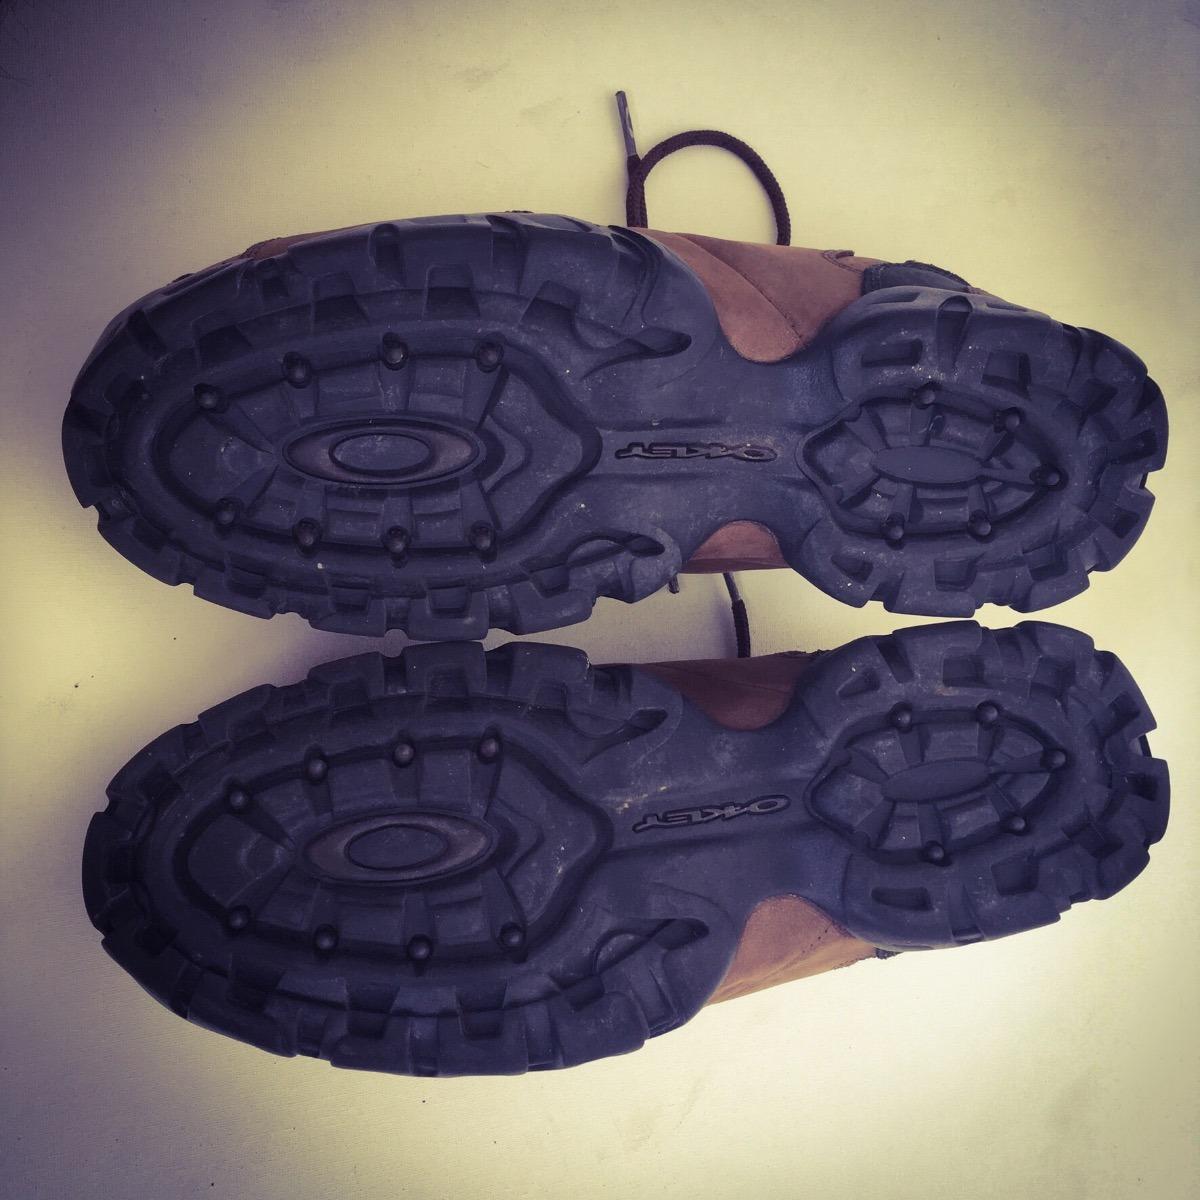 d6e1c60796c52 tênis oakley original teeth pronta entrega bota tracker. Carregando zoom.